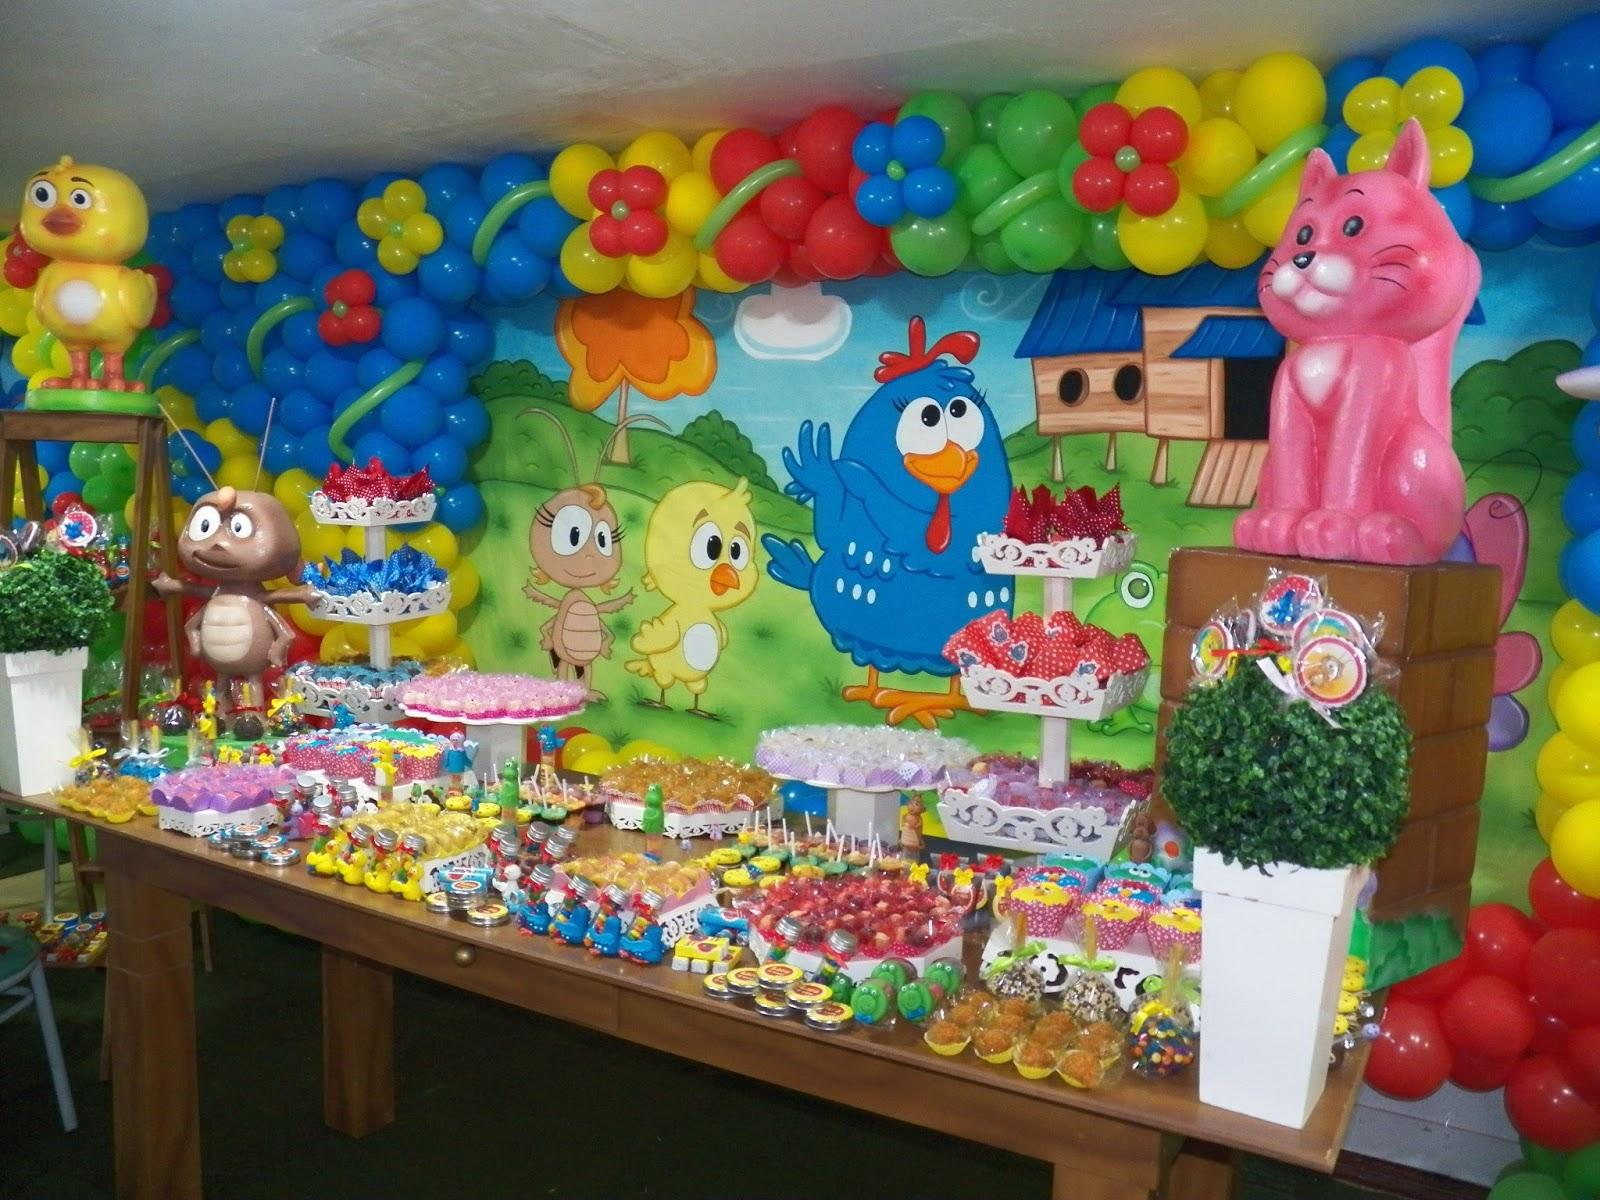 Sonho de Festas: Festa Provençal Galinha Pintadinha rústica #0A447C 1600x1200